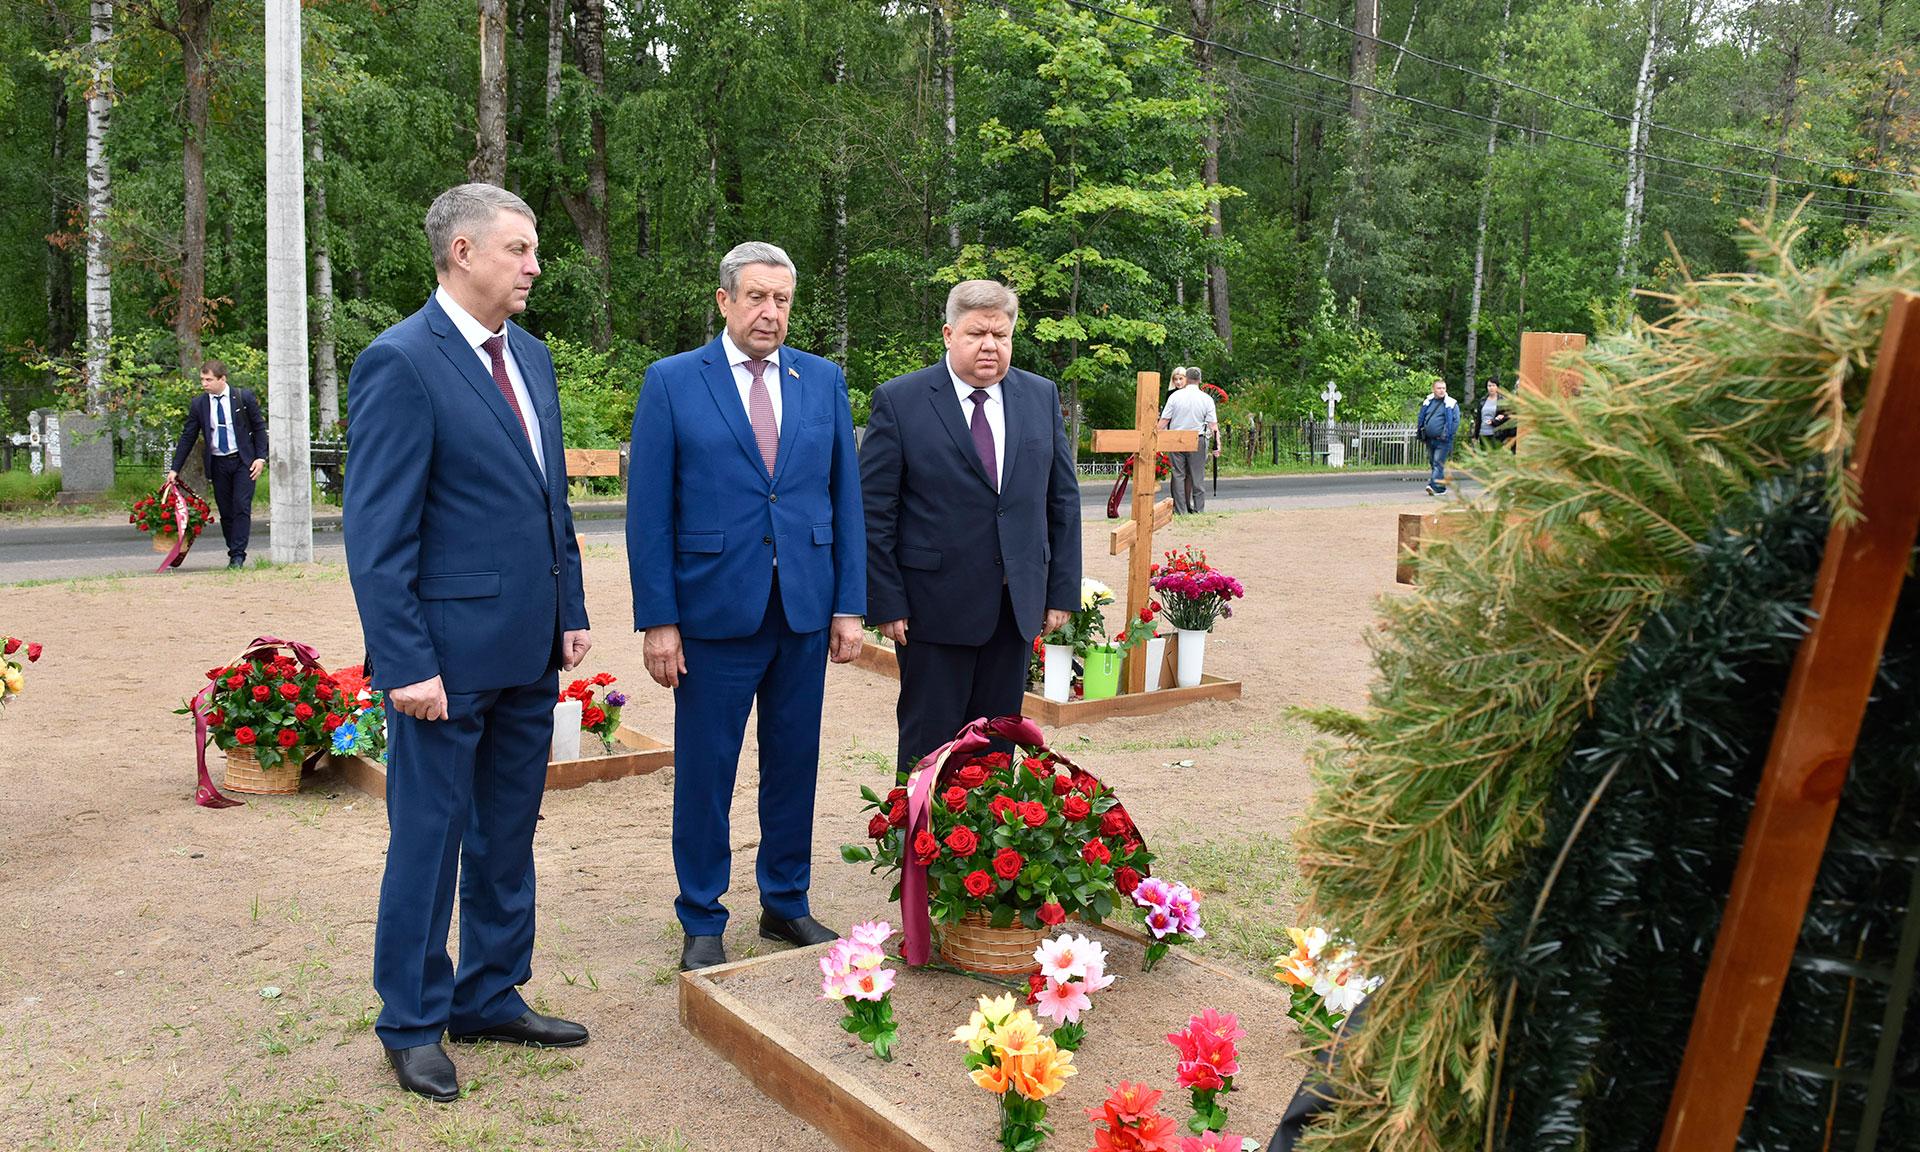 Руководители Брянской области возложили цветы на Серафимовском кладбище в Санкт-Петербурге